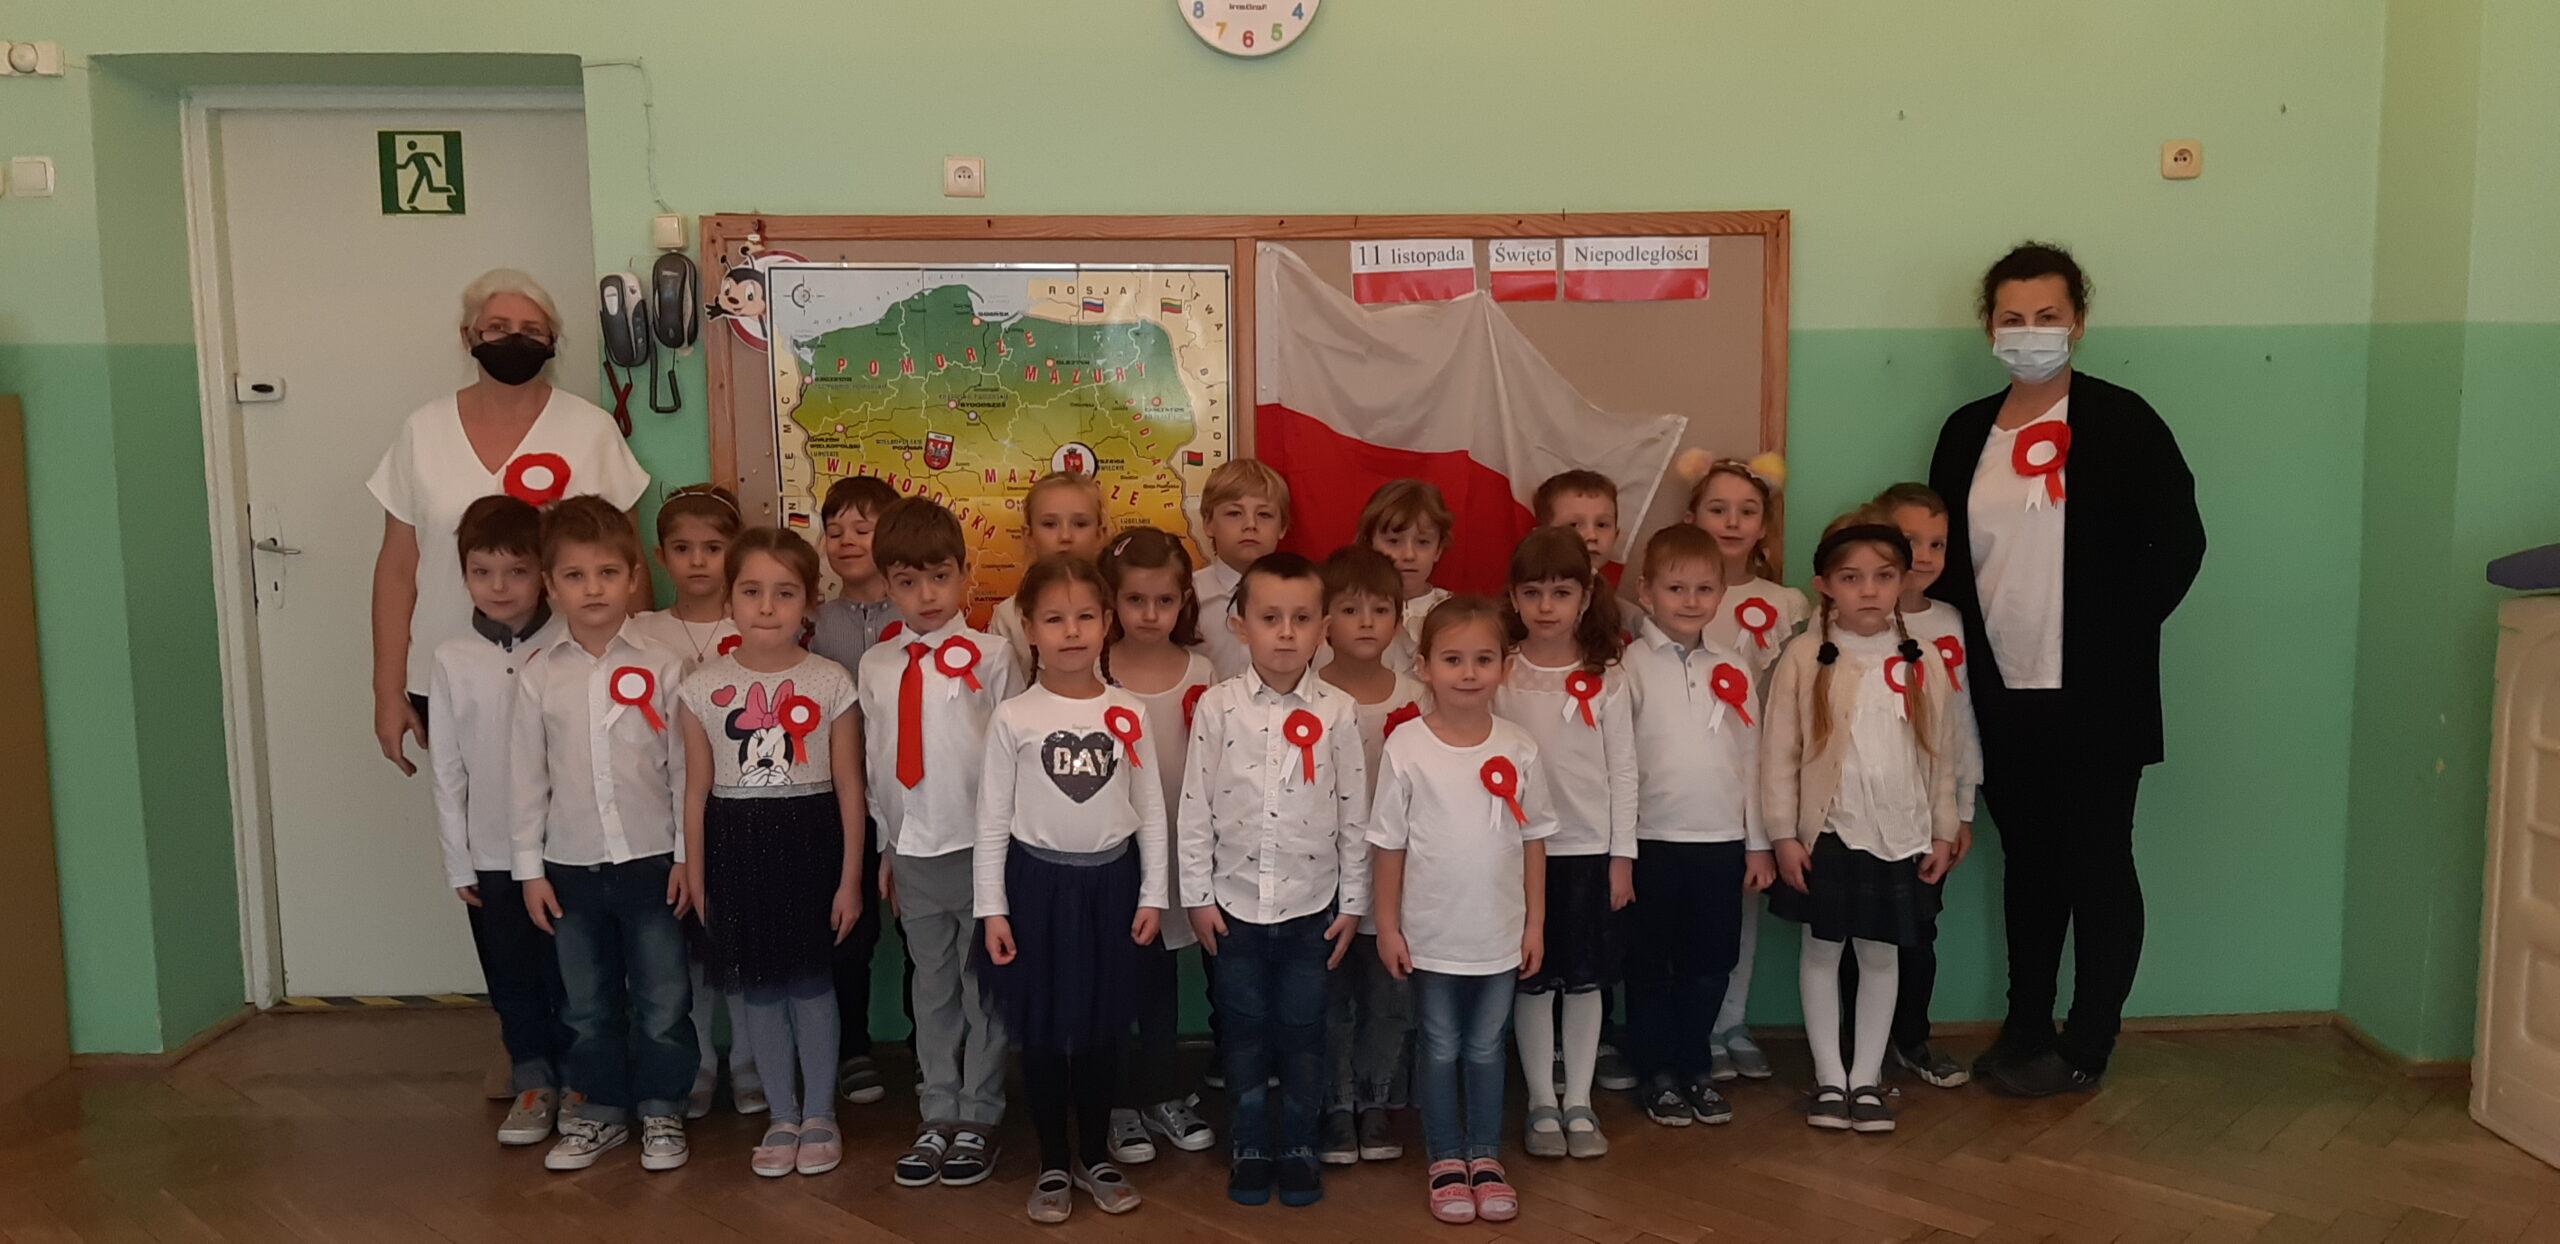 Zdjęcie grupowe Biedronek - Szkoła do hymnu